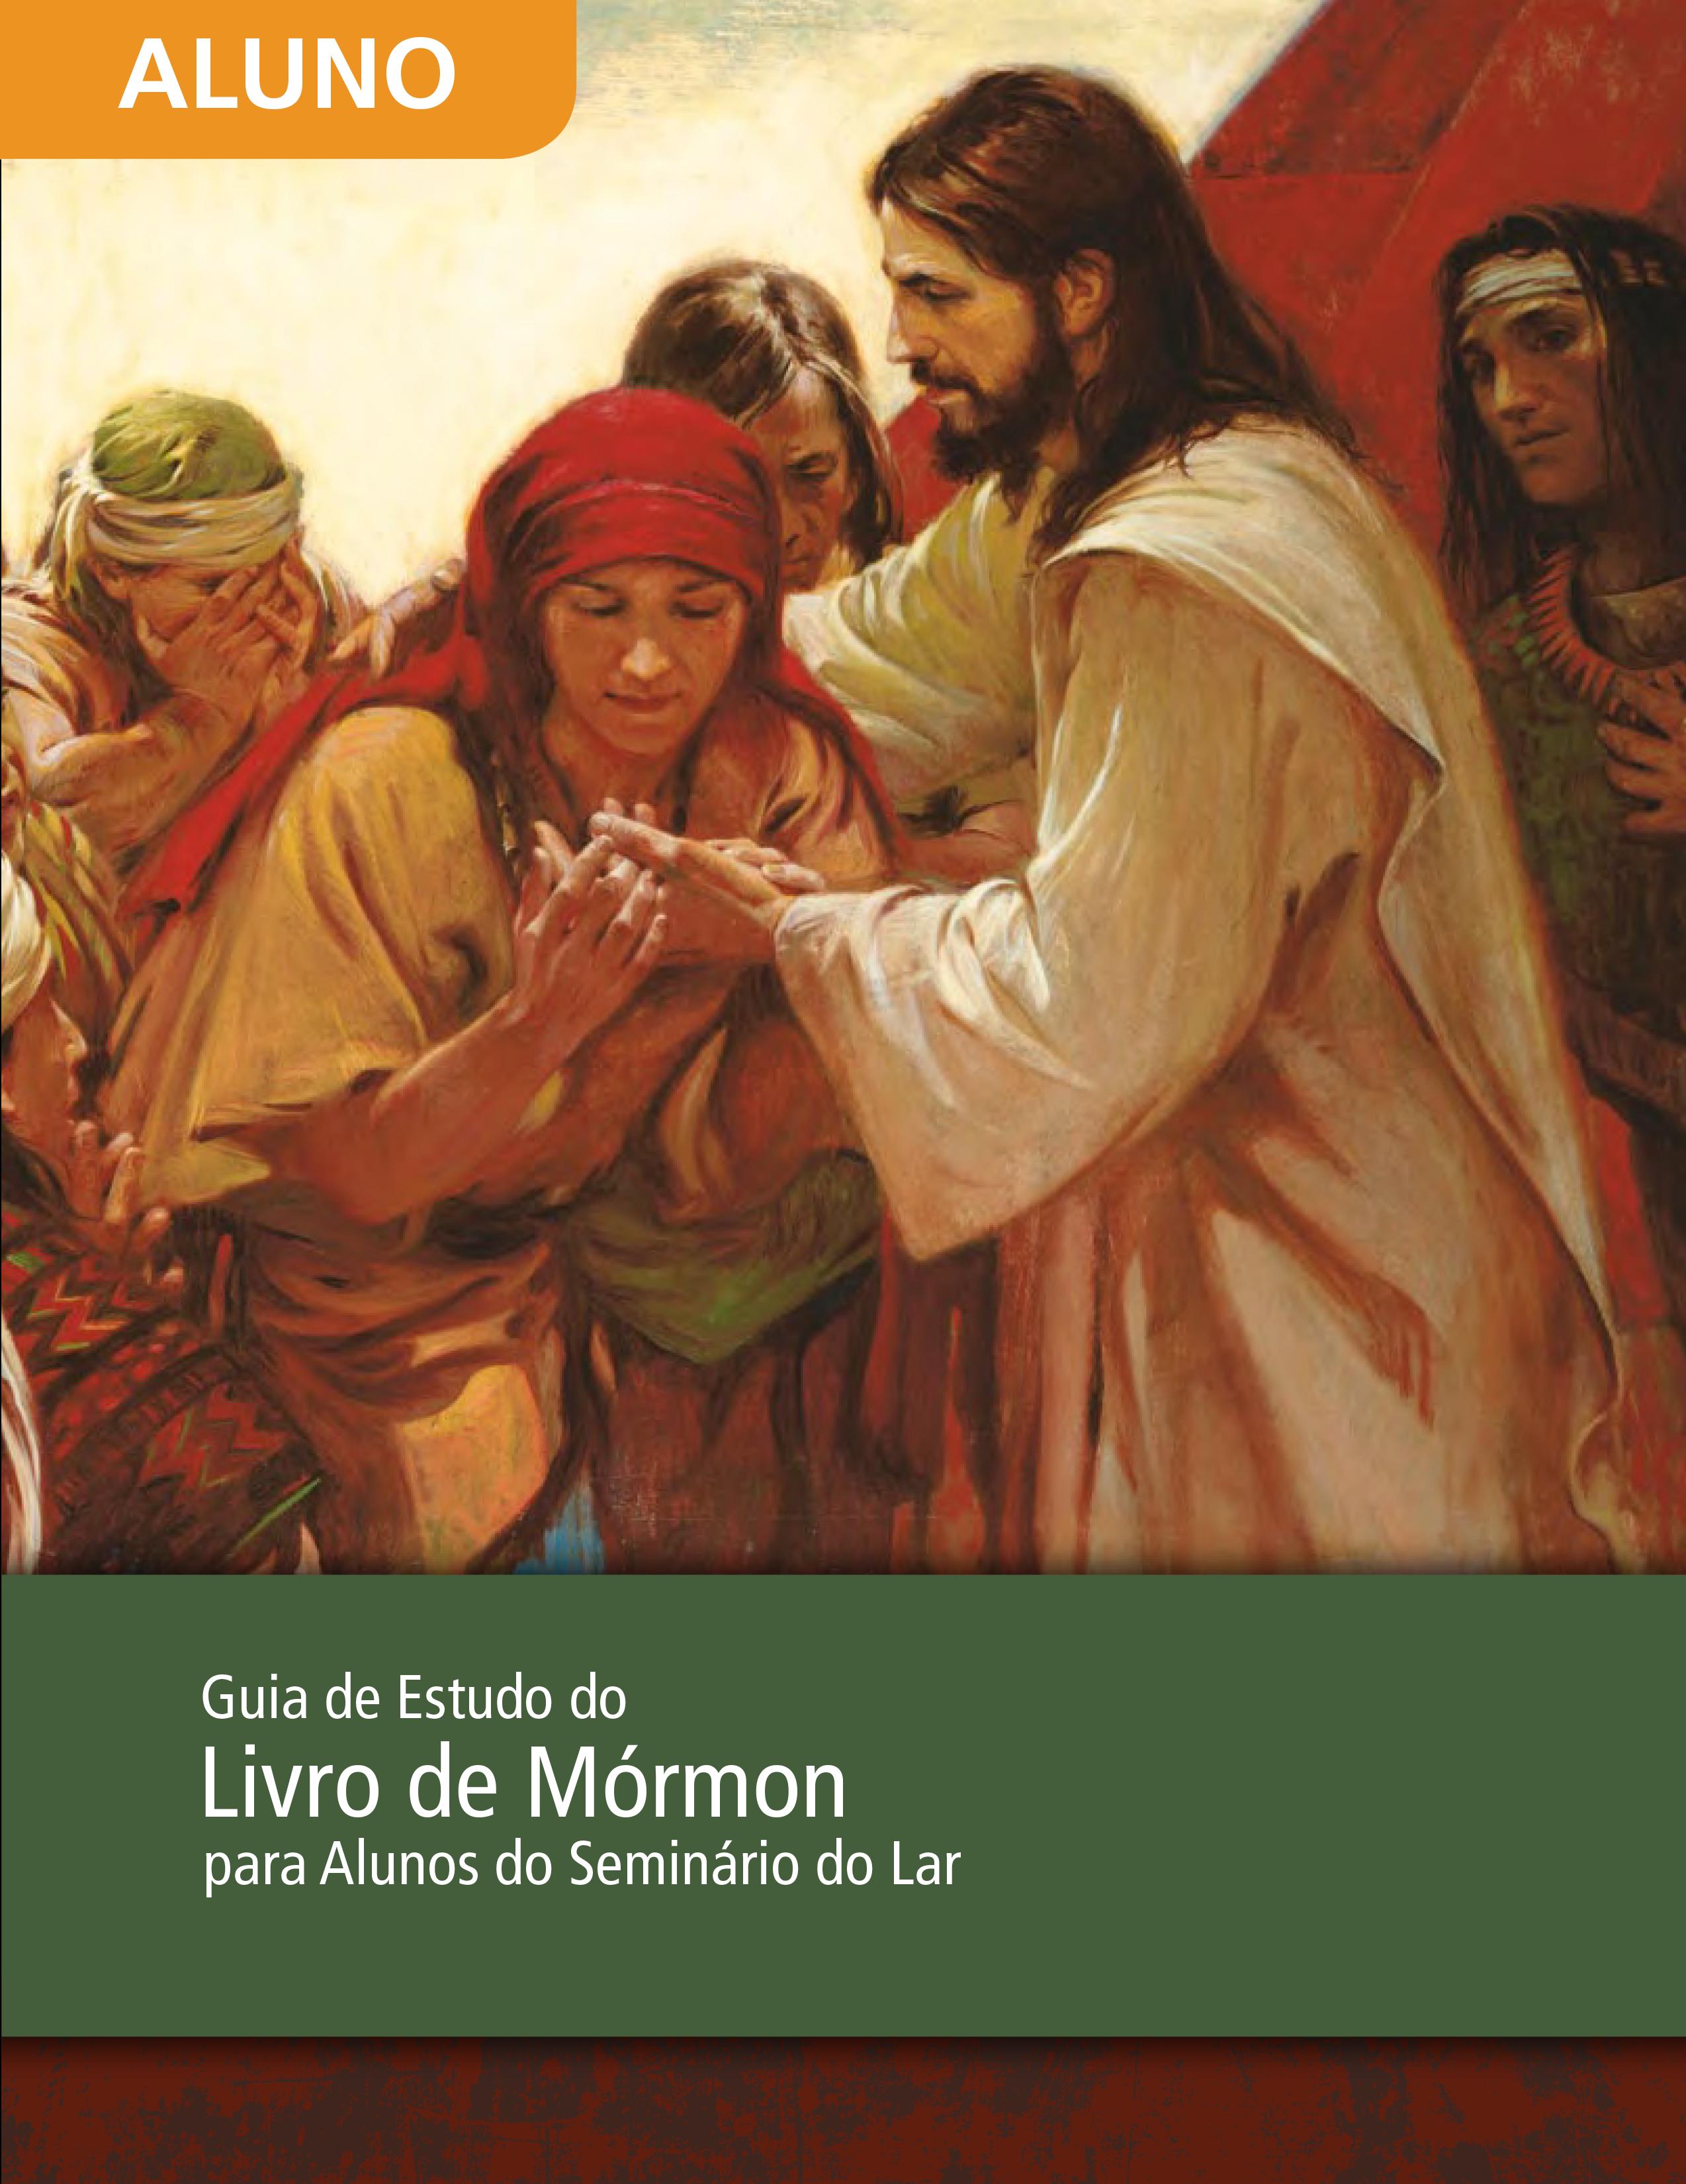 Guia de Estudo do Livro de Mórmon para Alunos do Seminário do Lar